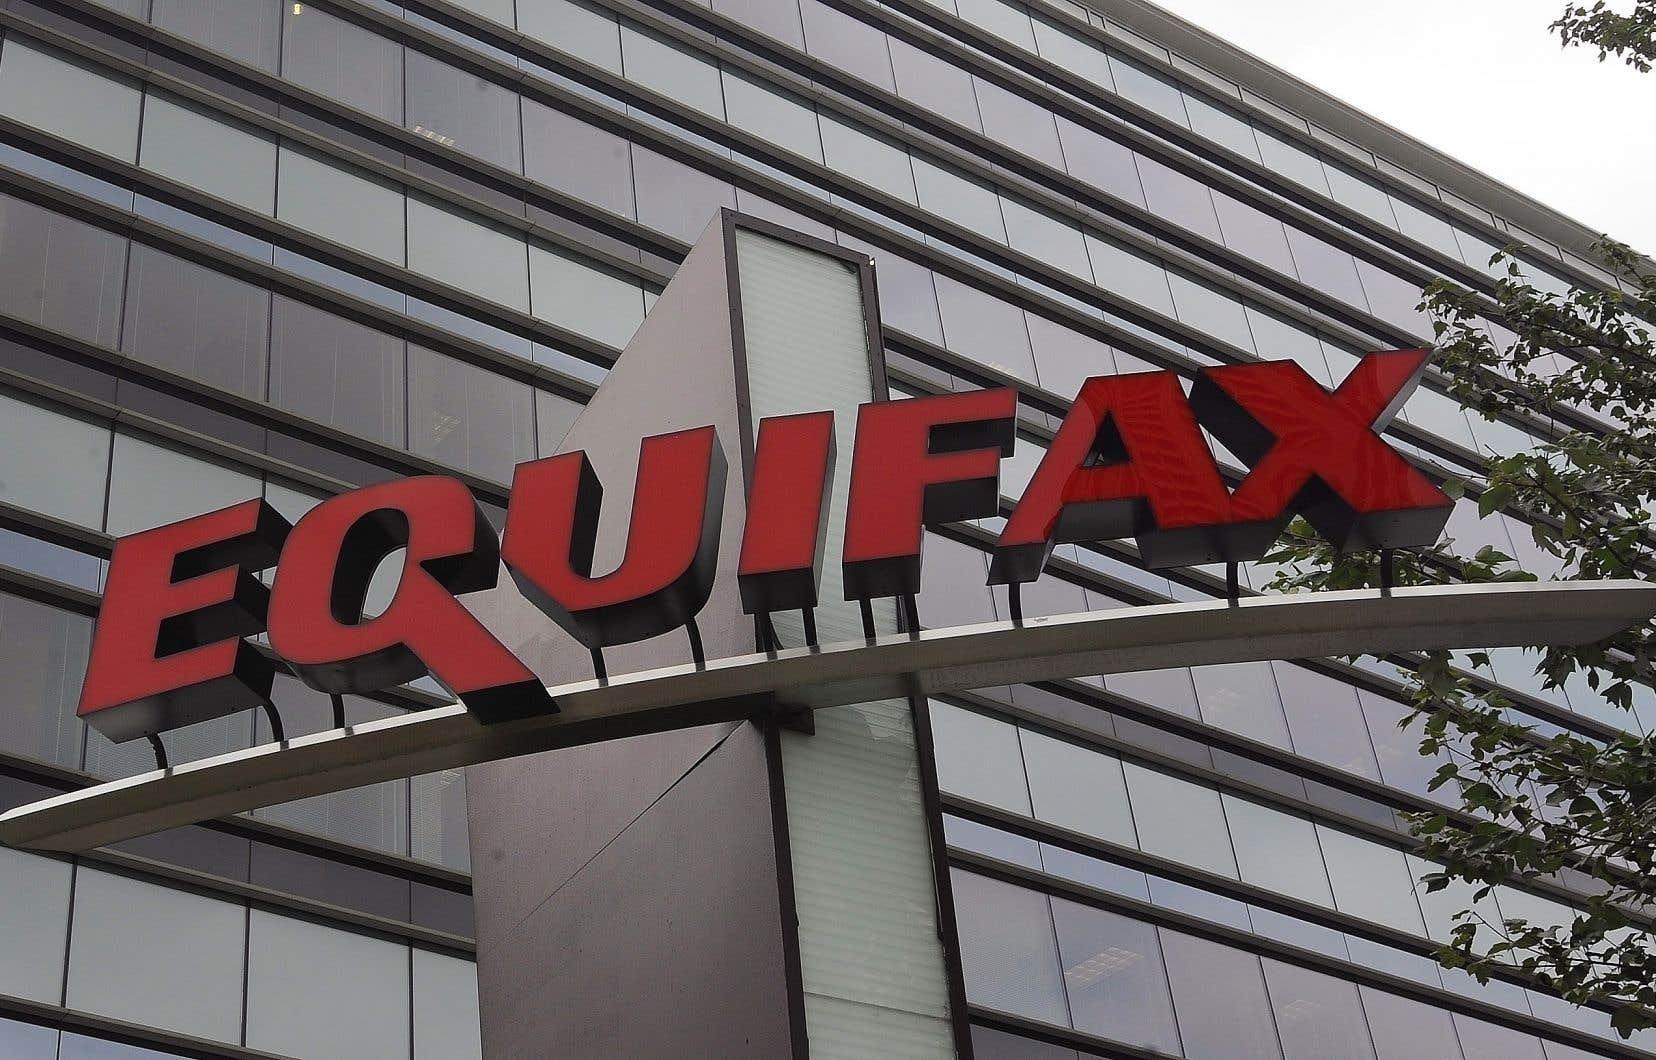 Equifax aura à verser jusqu'à 700 millions $US en amendes et en dédommagements aux 147 millions de victimes d'un vol massif de données personnelles par des pirates informatiques en 2017, ont confirmé les autorités américaines.